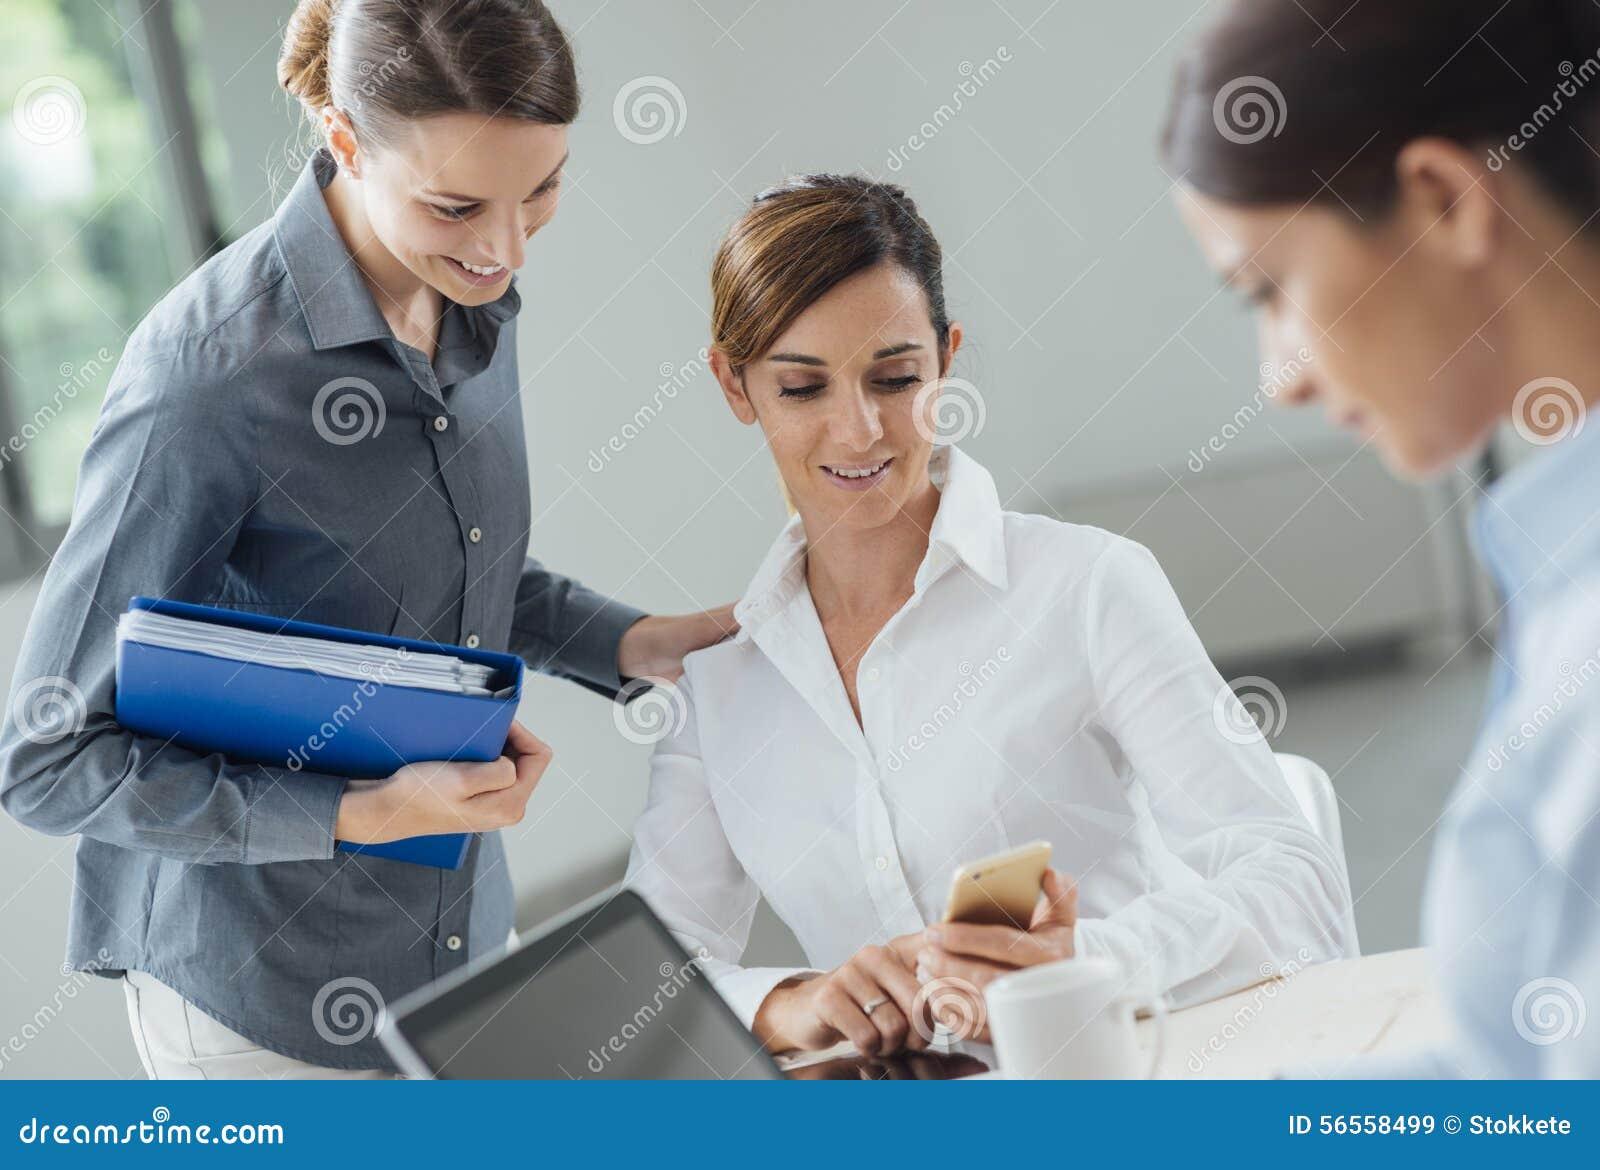 Download Εργαζόμενοι γραφείων θηλυκών στο γραφείο Στοκ Εικόνα - εικόνα από αποστολικό, lap: 56558499